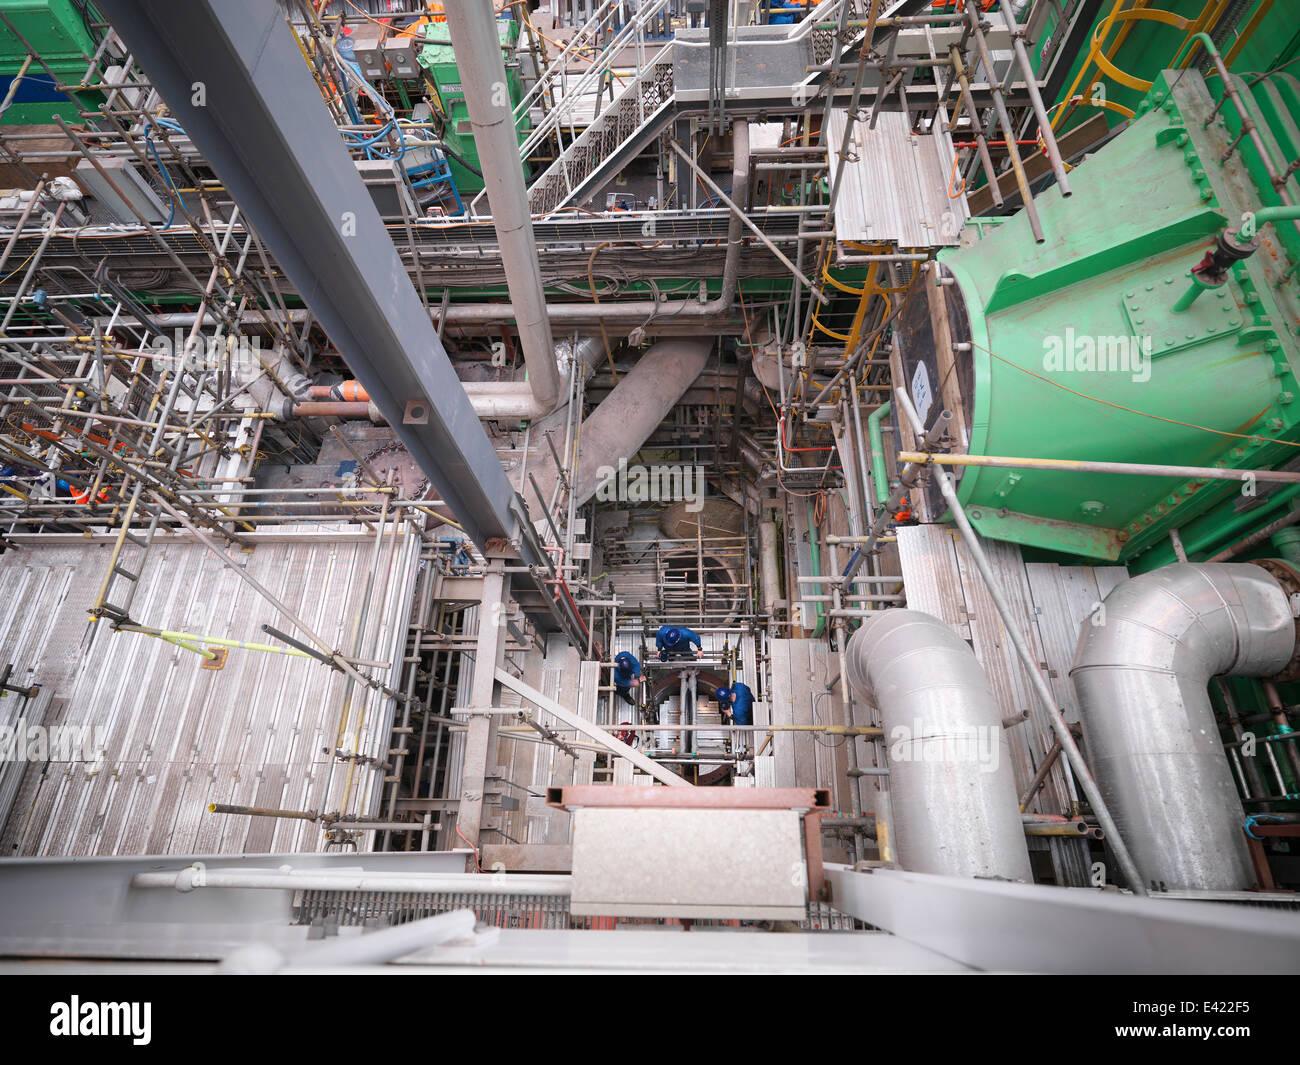 Tief unten im Ingenieure Ausrüstung während Kraftwerk Ausfalls, erhöhte Ansicht Stockbild